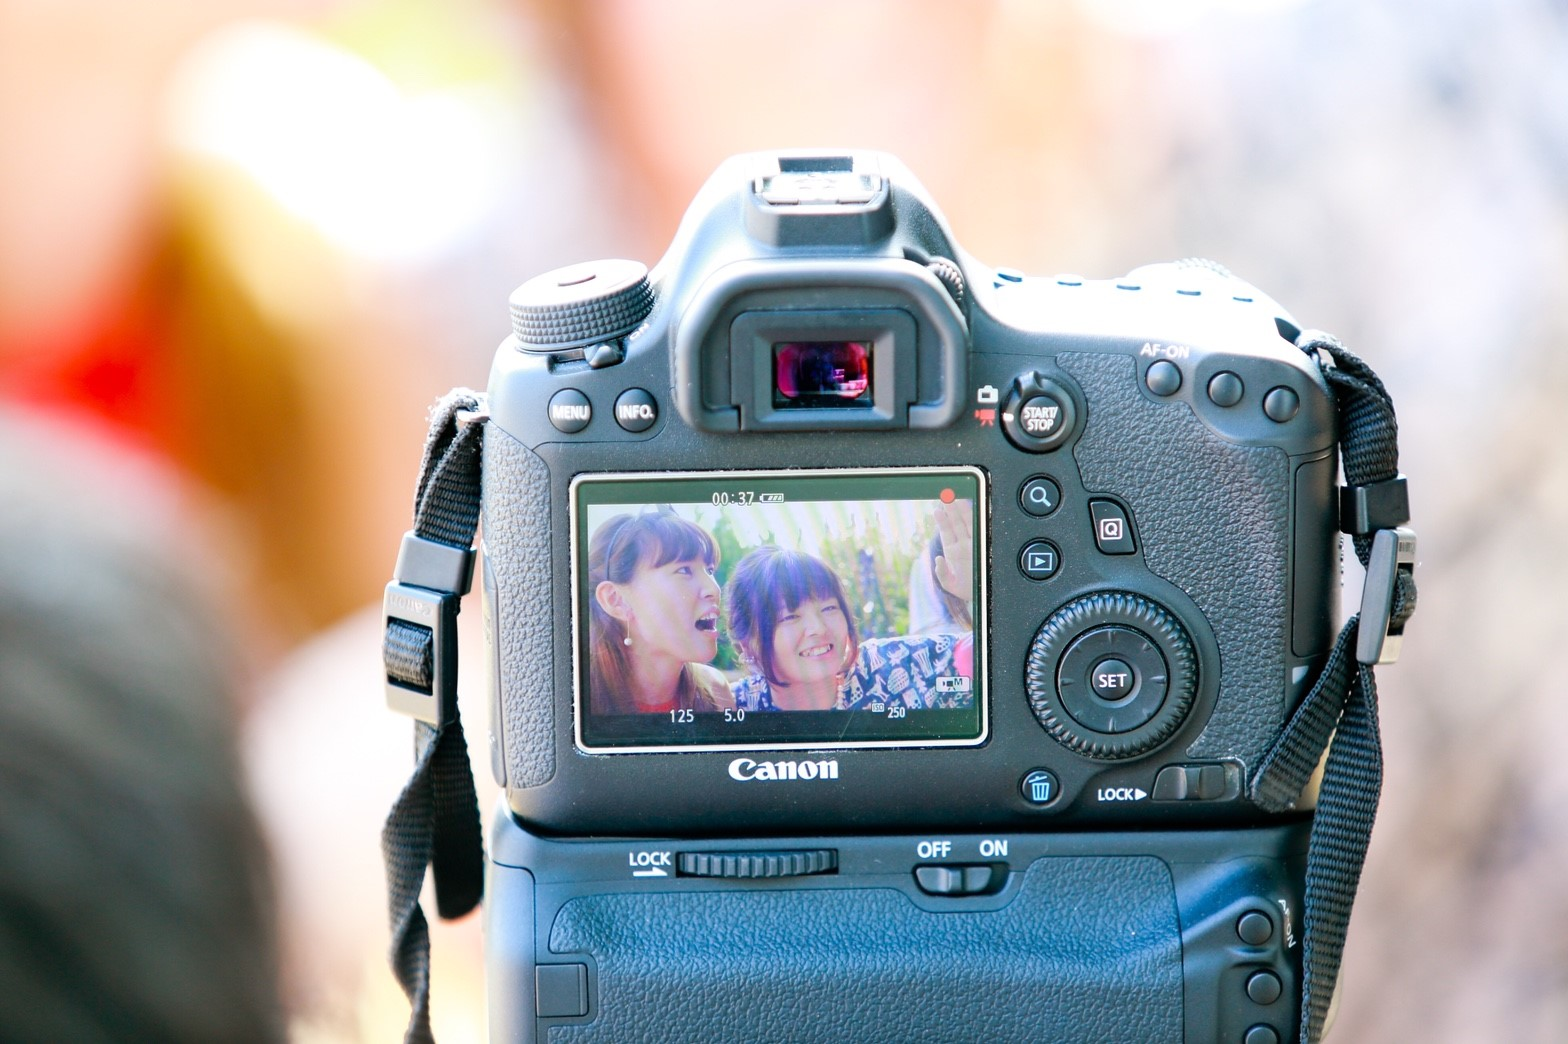 結婚式の記録映像の注文に悩んでいる方へ 結婚準備の豆知識